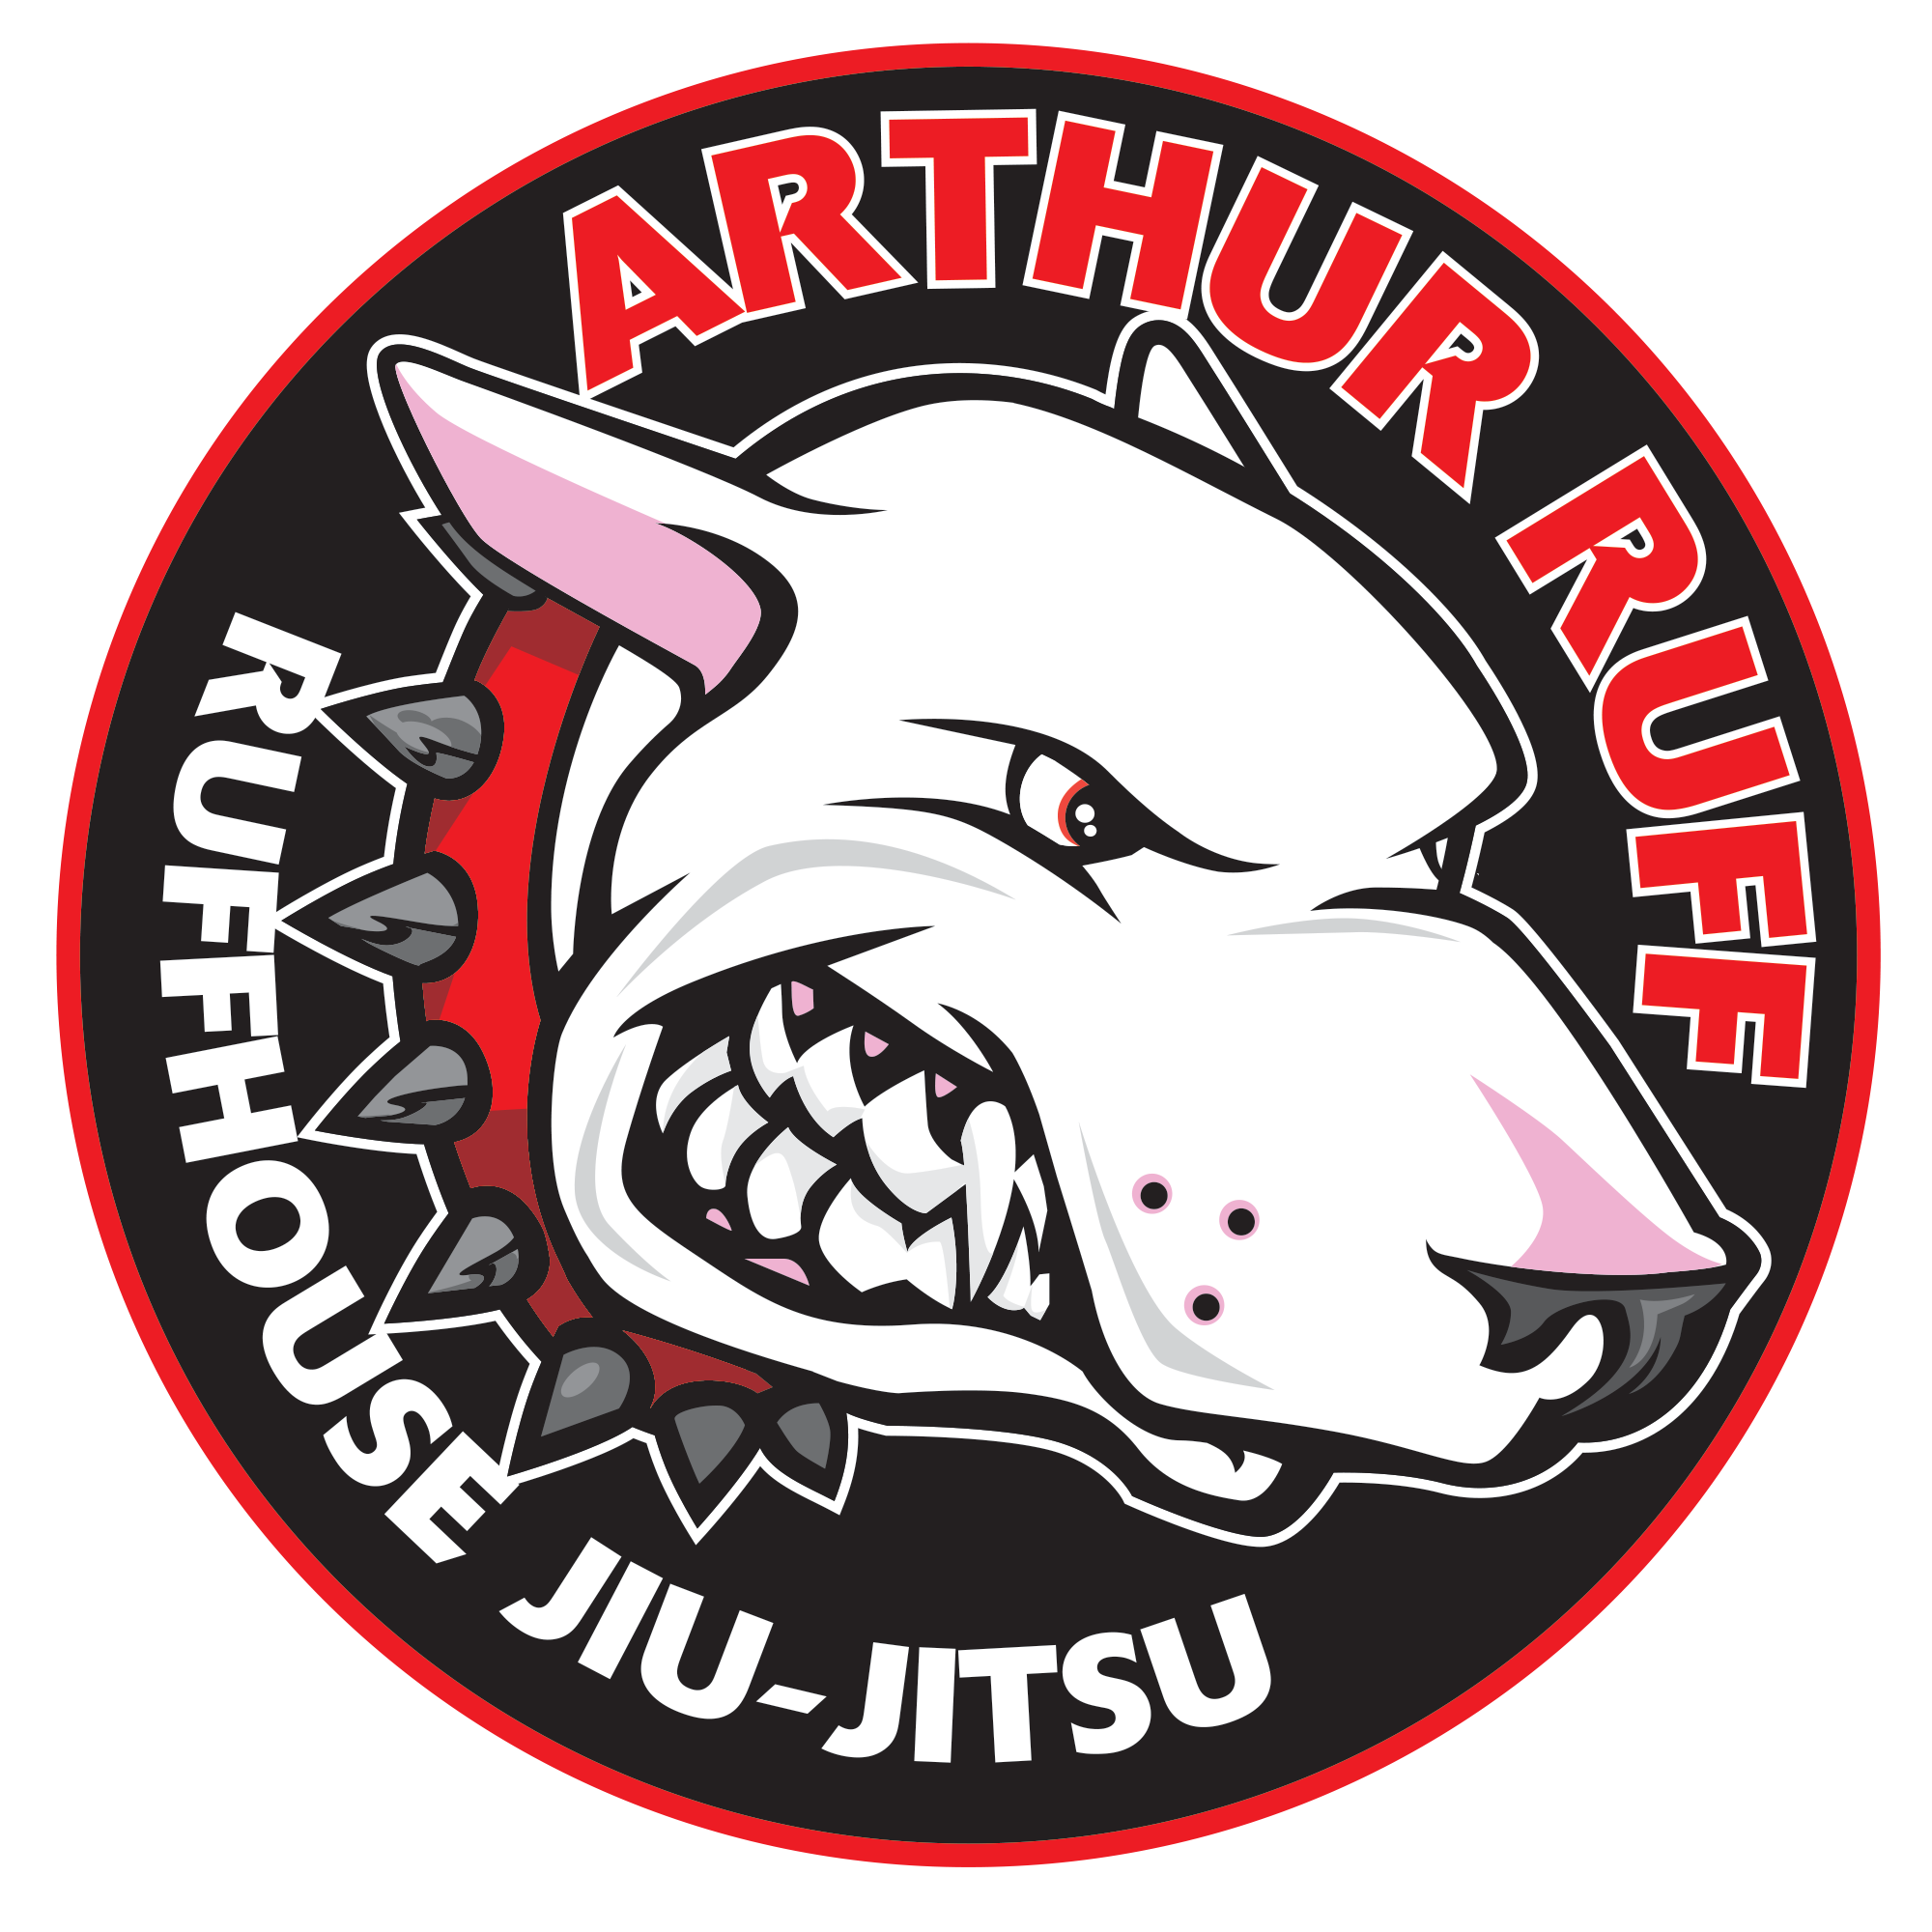 ruffhouse-jiu-jitsu.png